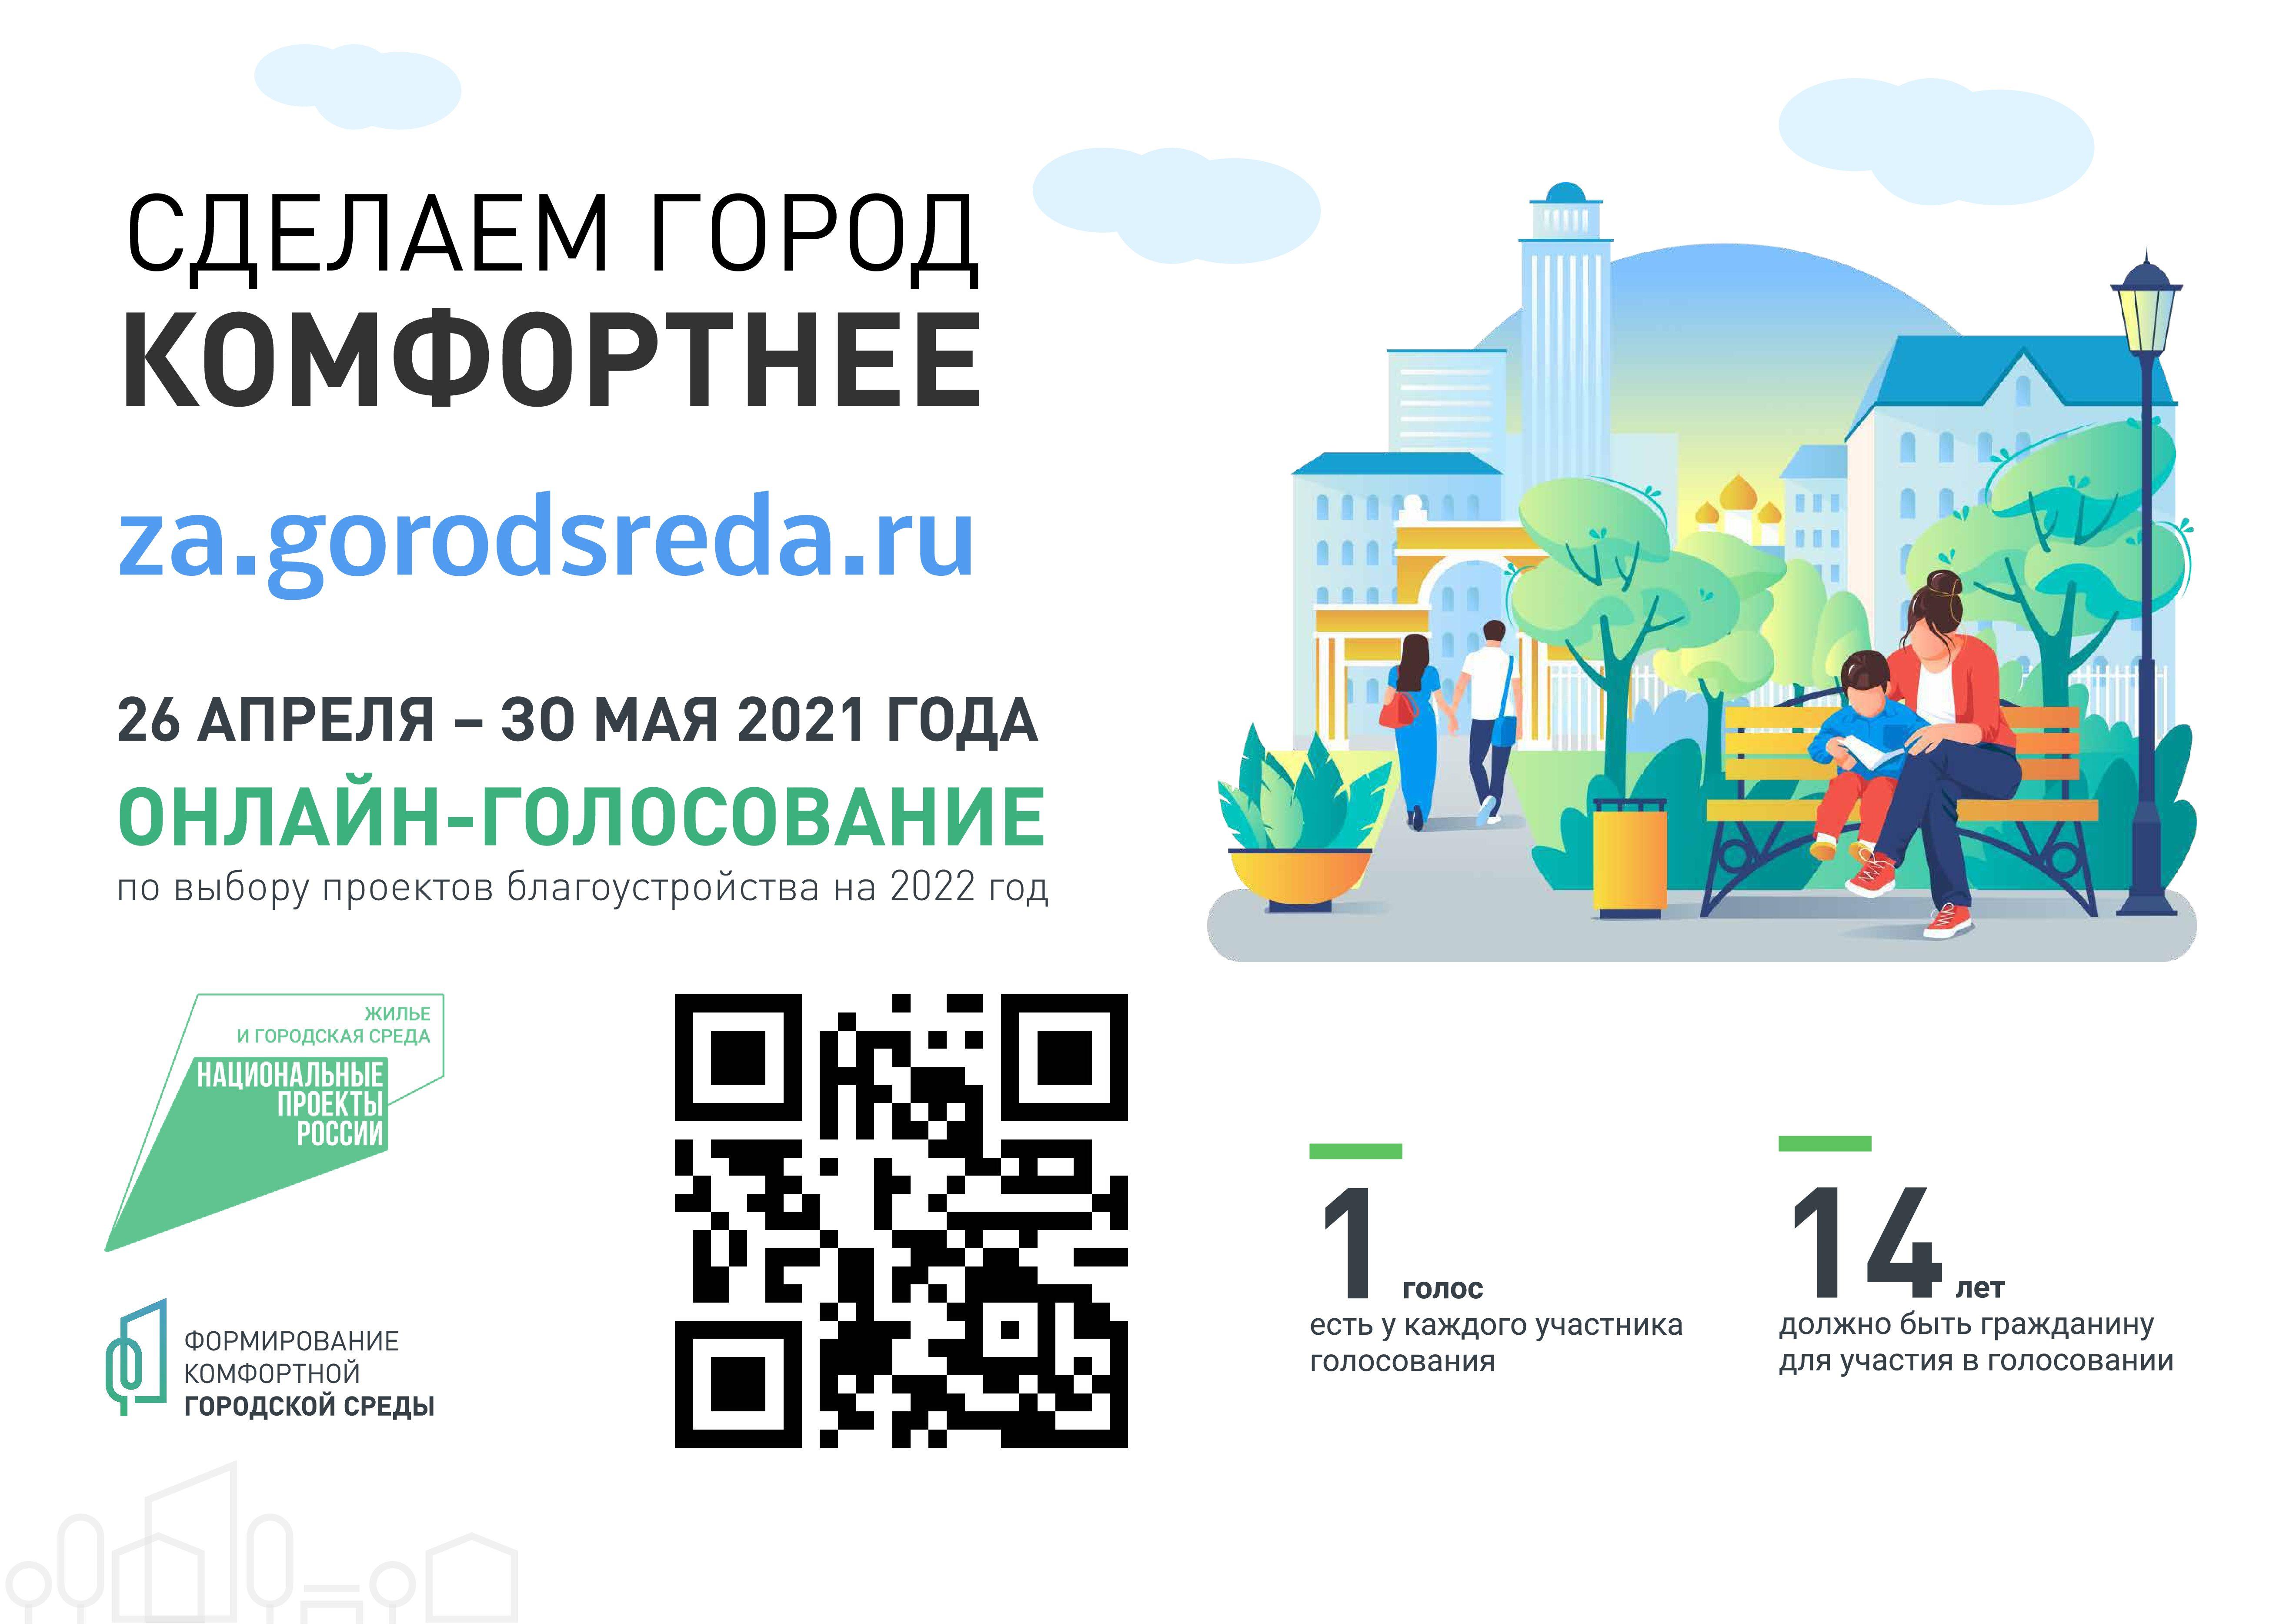 Стартовало онлайн-голосование по выбору проектов благоустройства на 2022 год